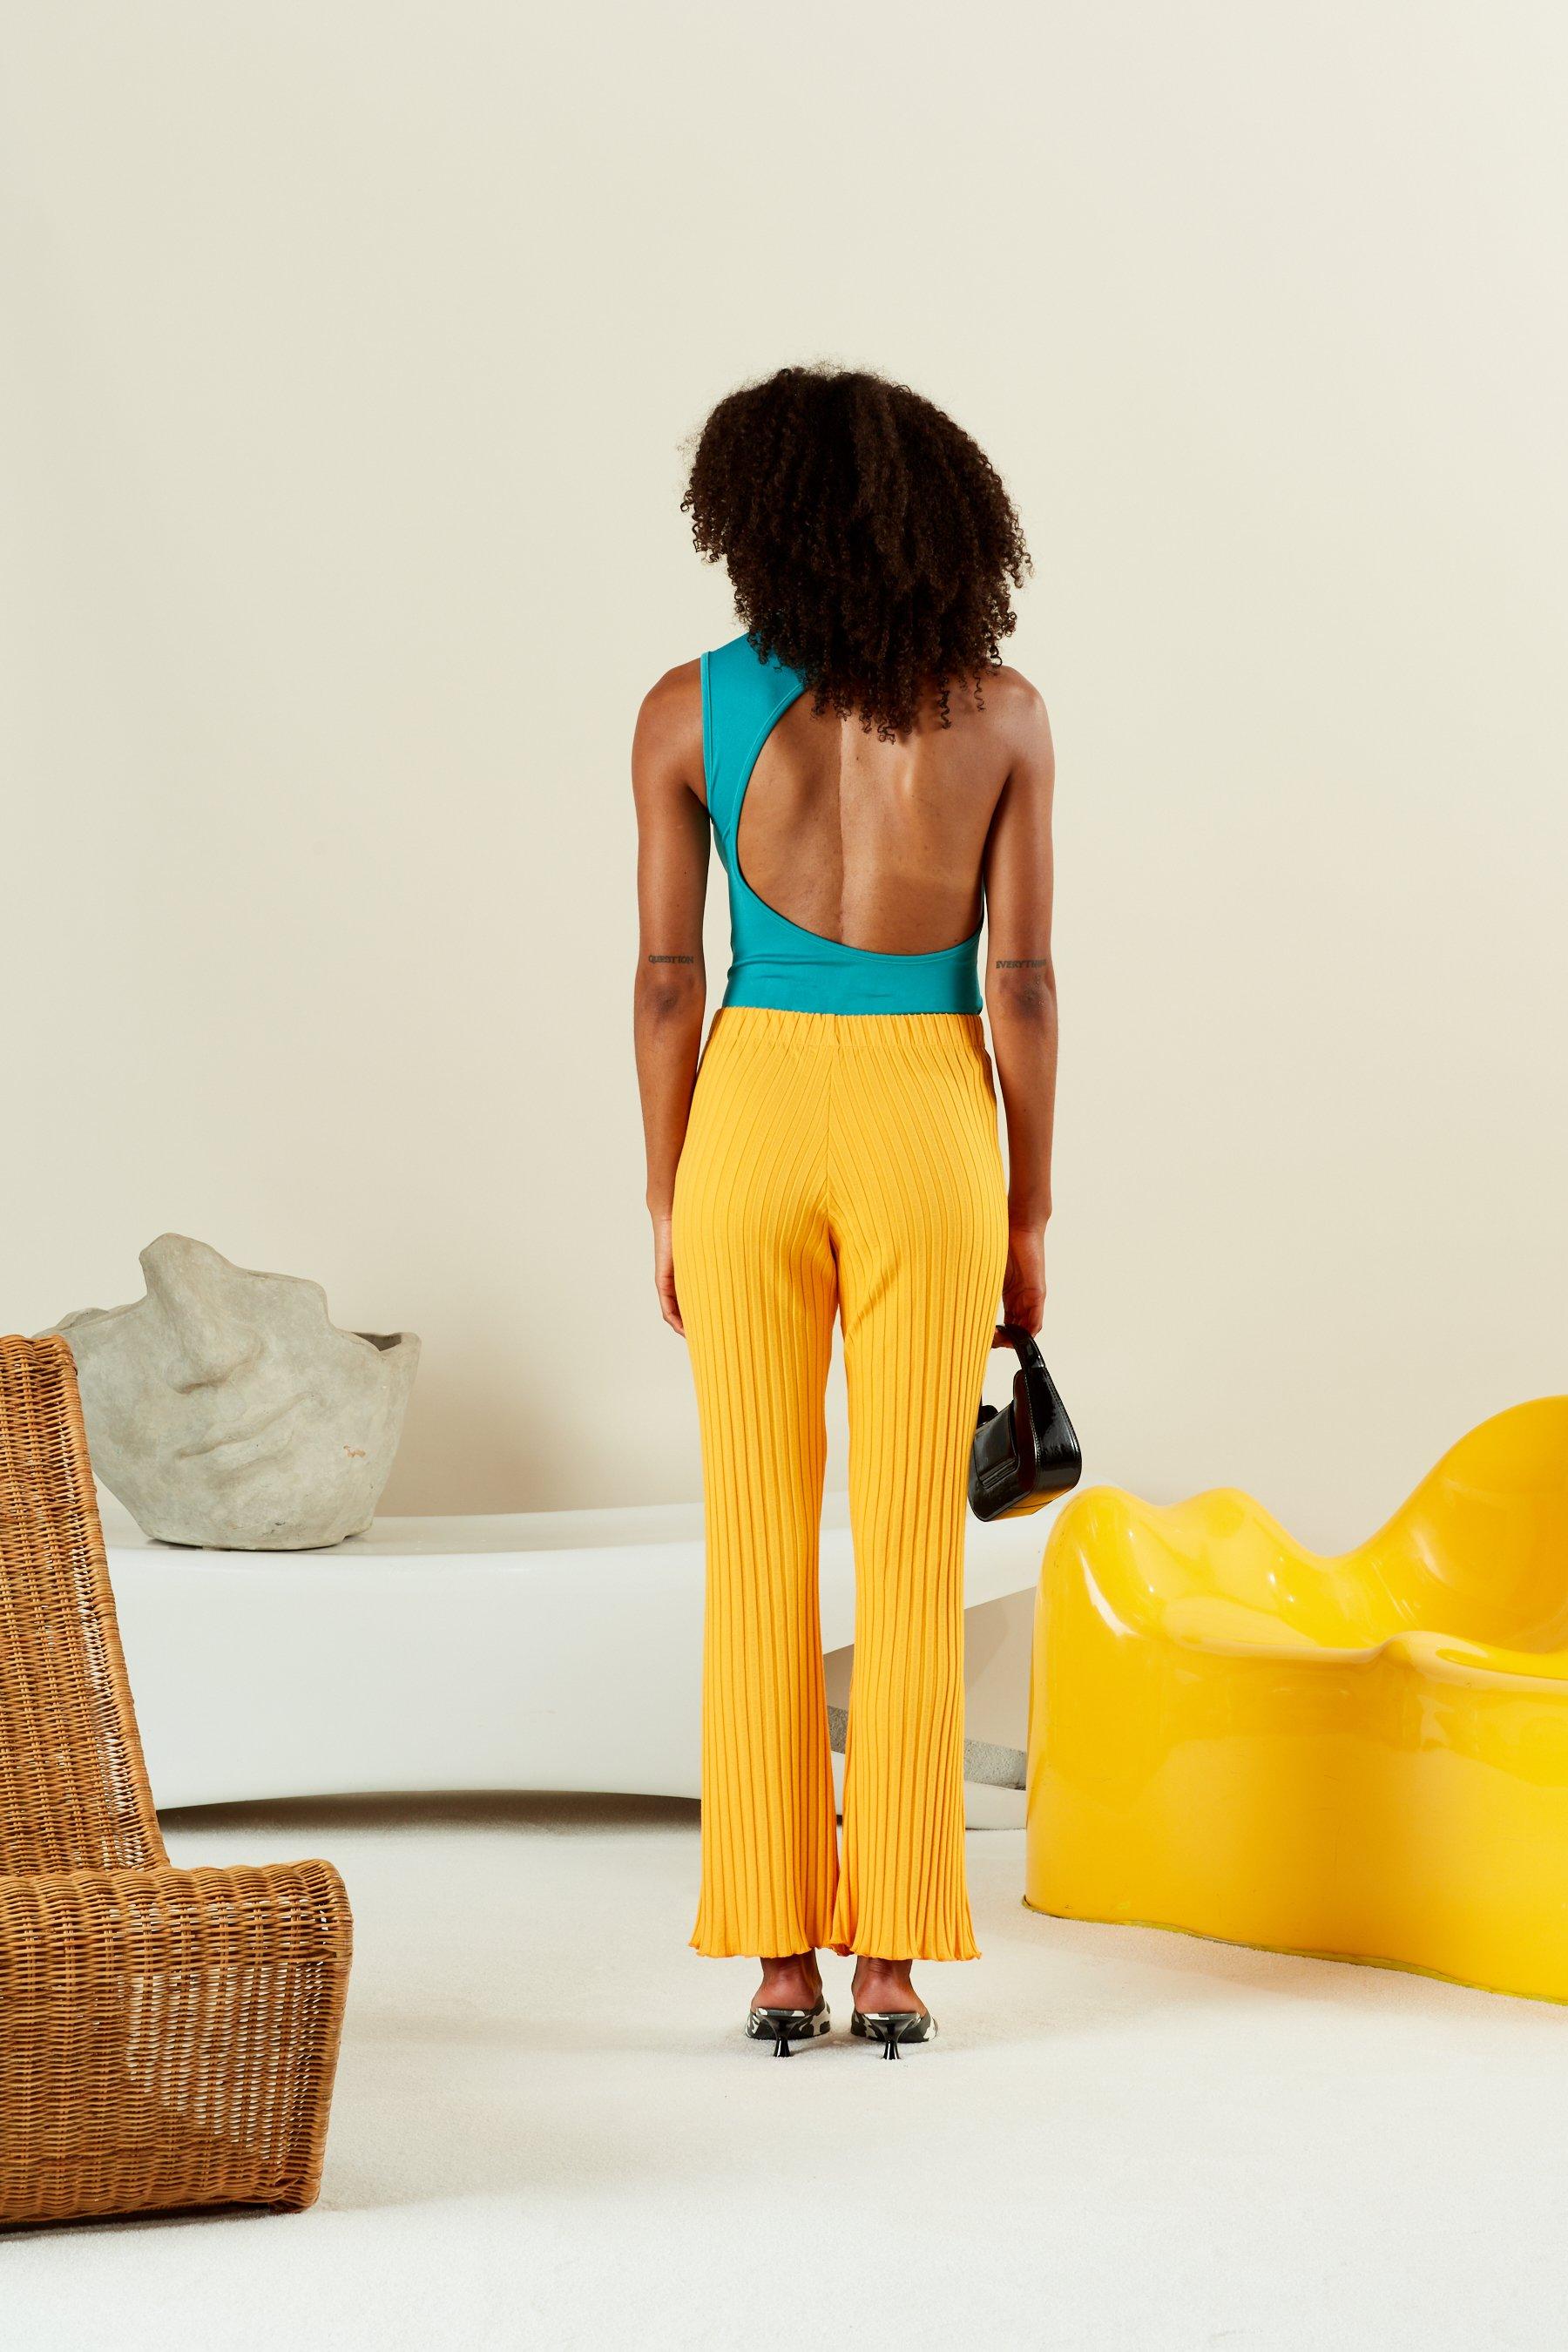 STRETCH Mogen Bodysuit in Pool by Simon Miller - 2